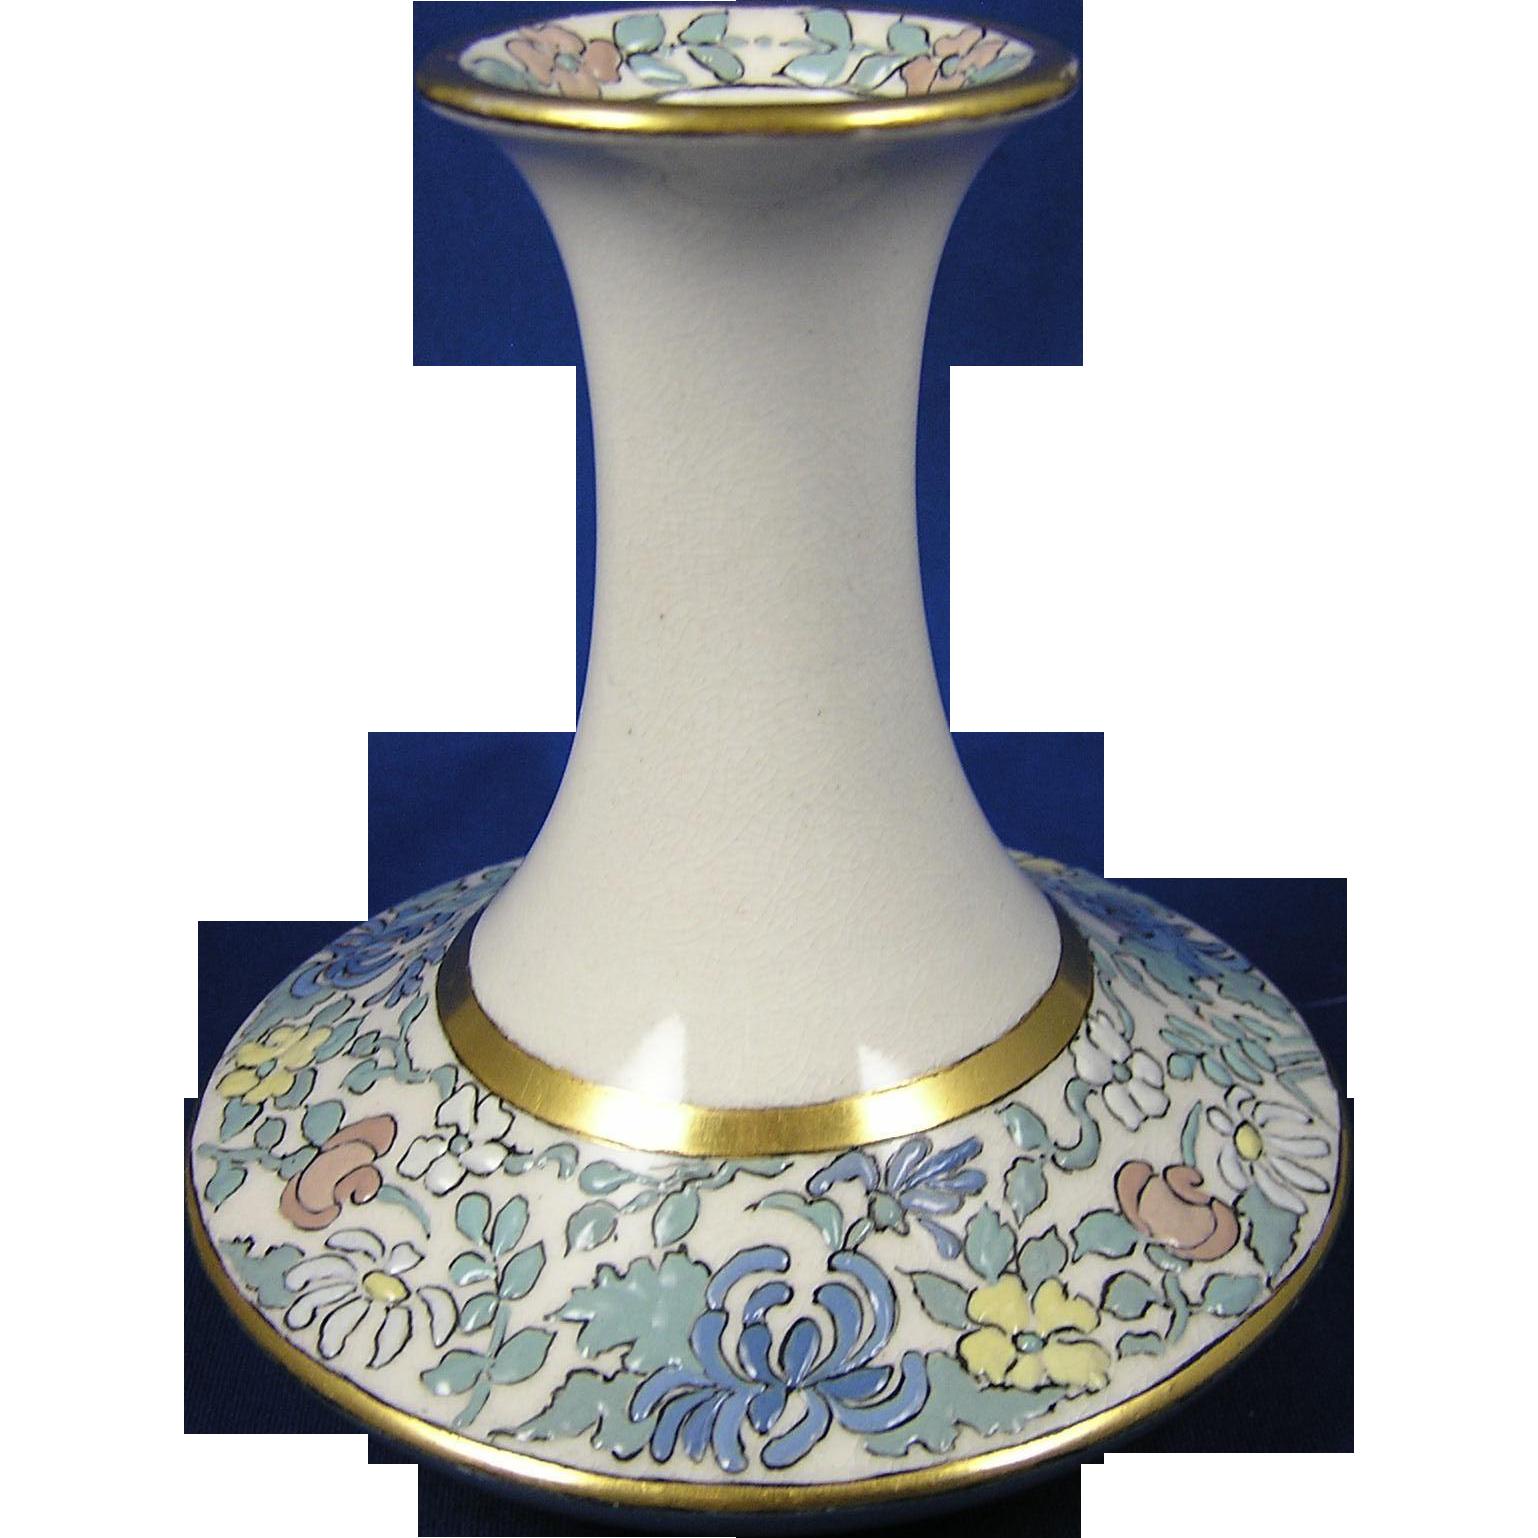 """American Satsuma Enameled Arts & Crafts Floral Motif Vase (Signed """"S. Hoover""""/c.1910-1920)"""